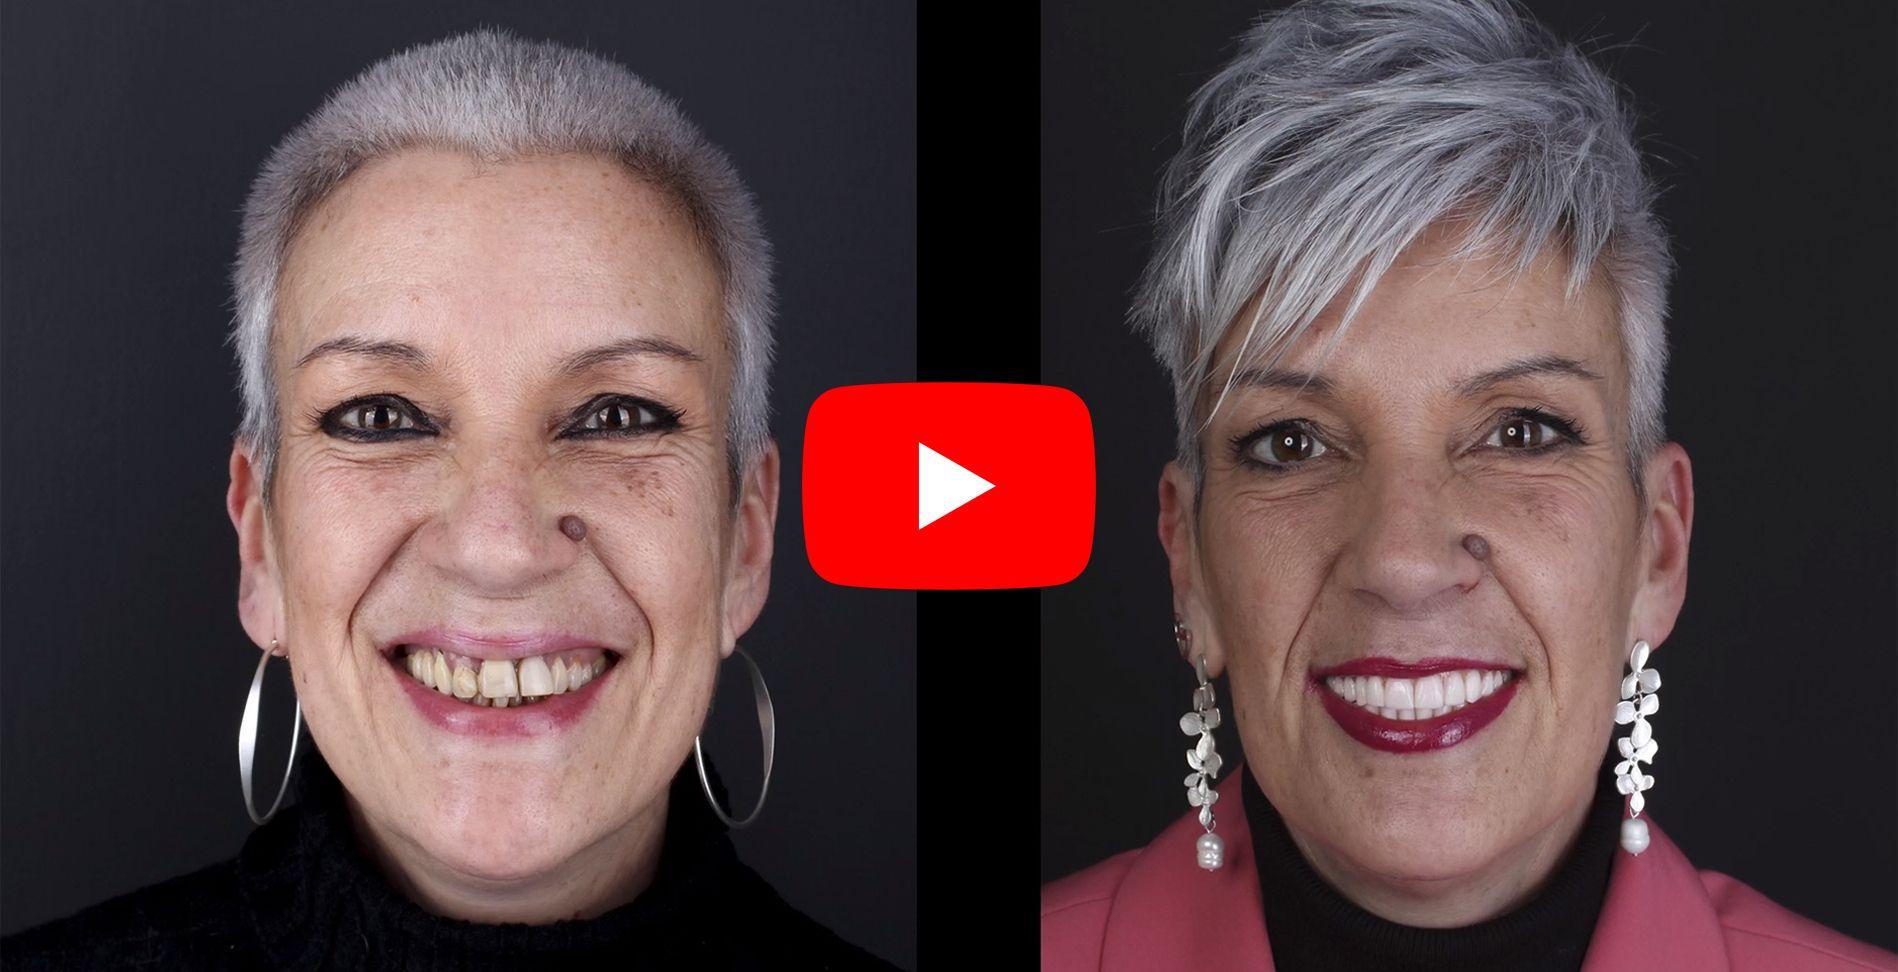 Video testimonios de los pacientes tratados en clínica Padrós de implantes dentales